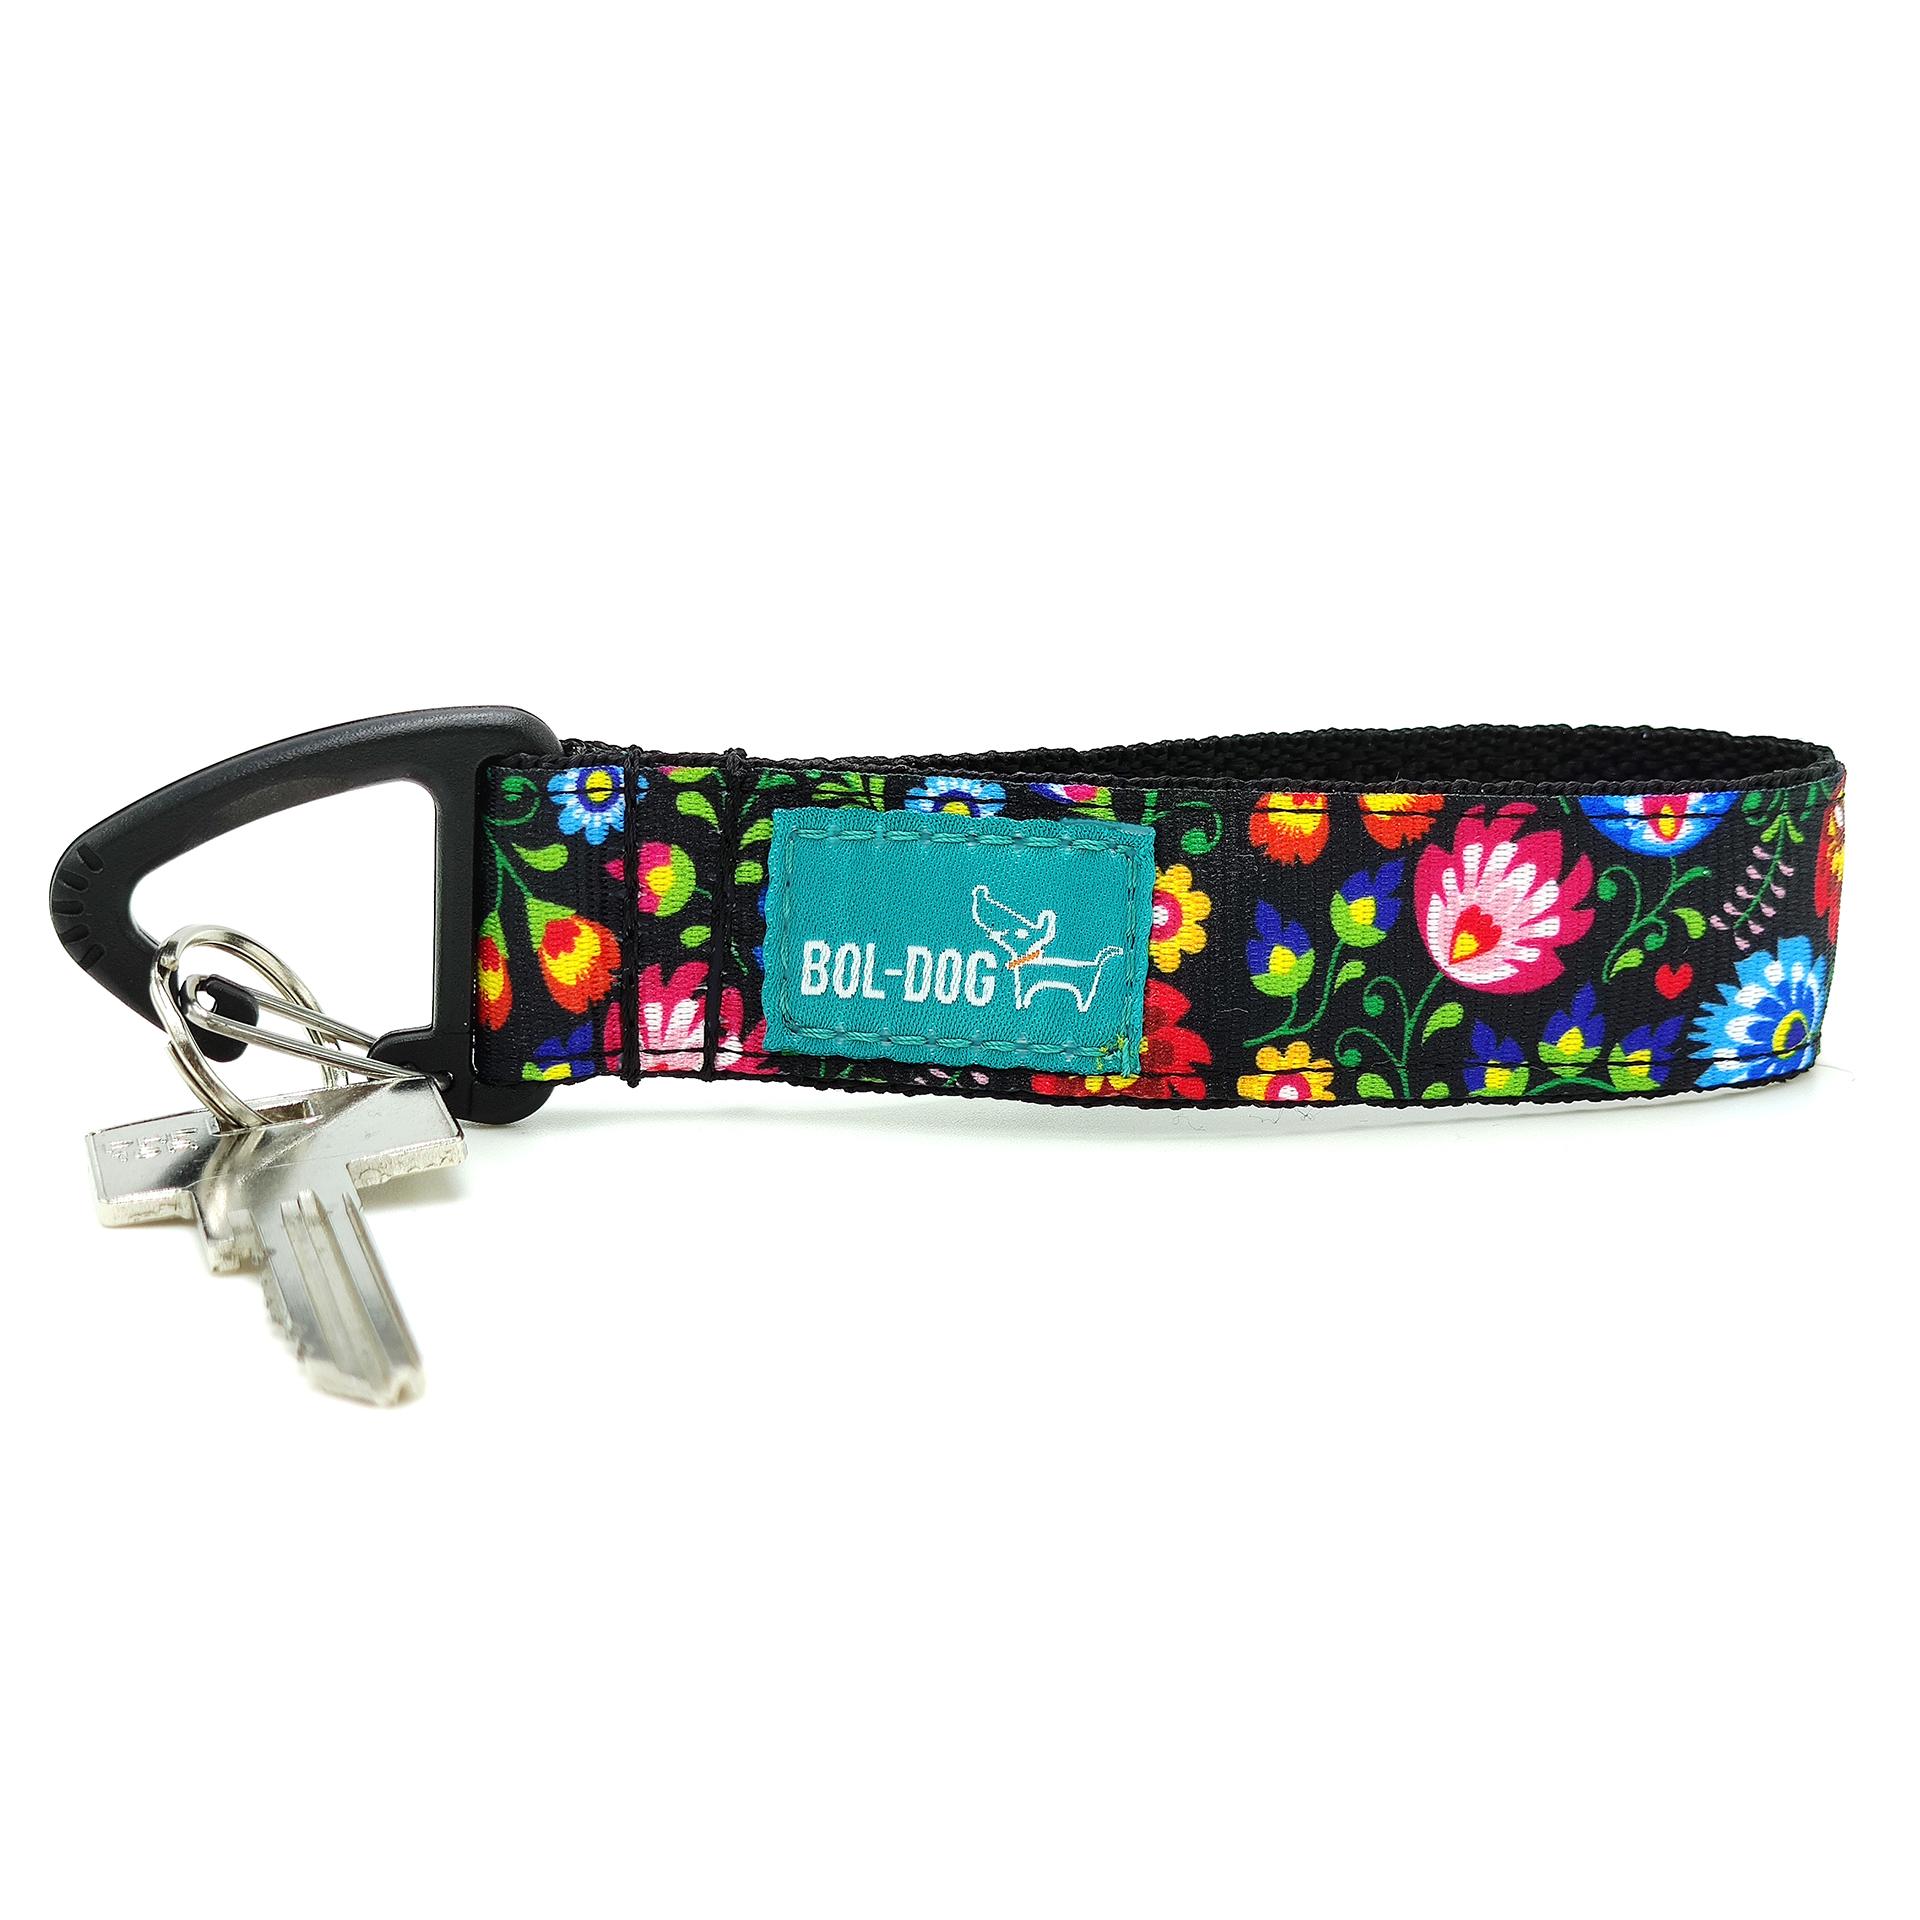 Fable key holder